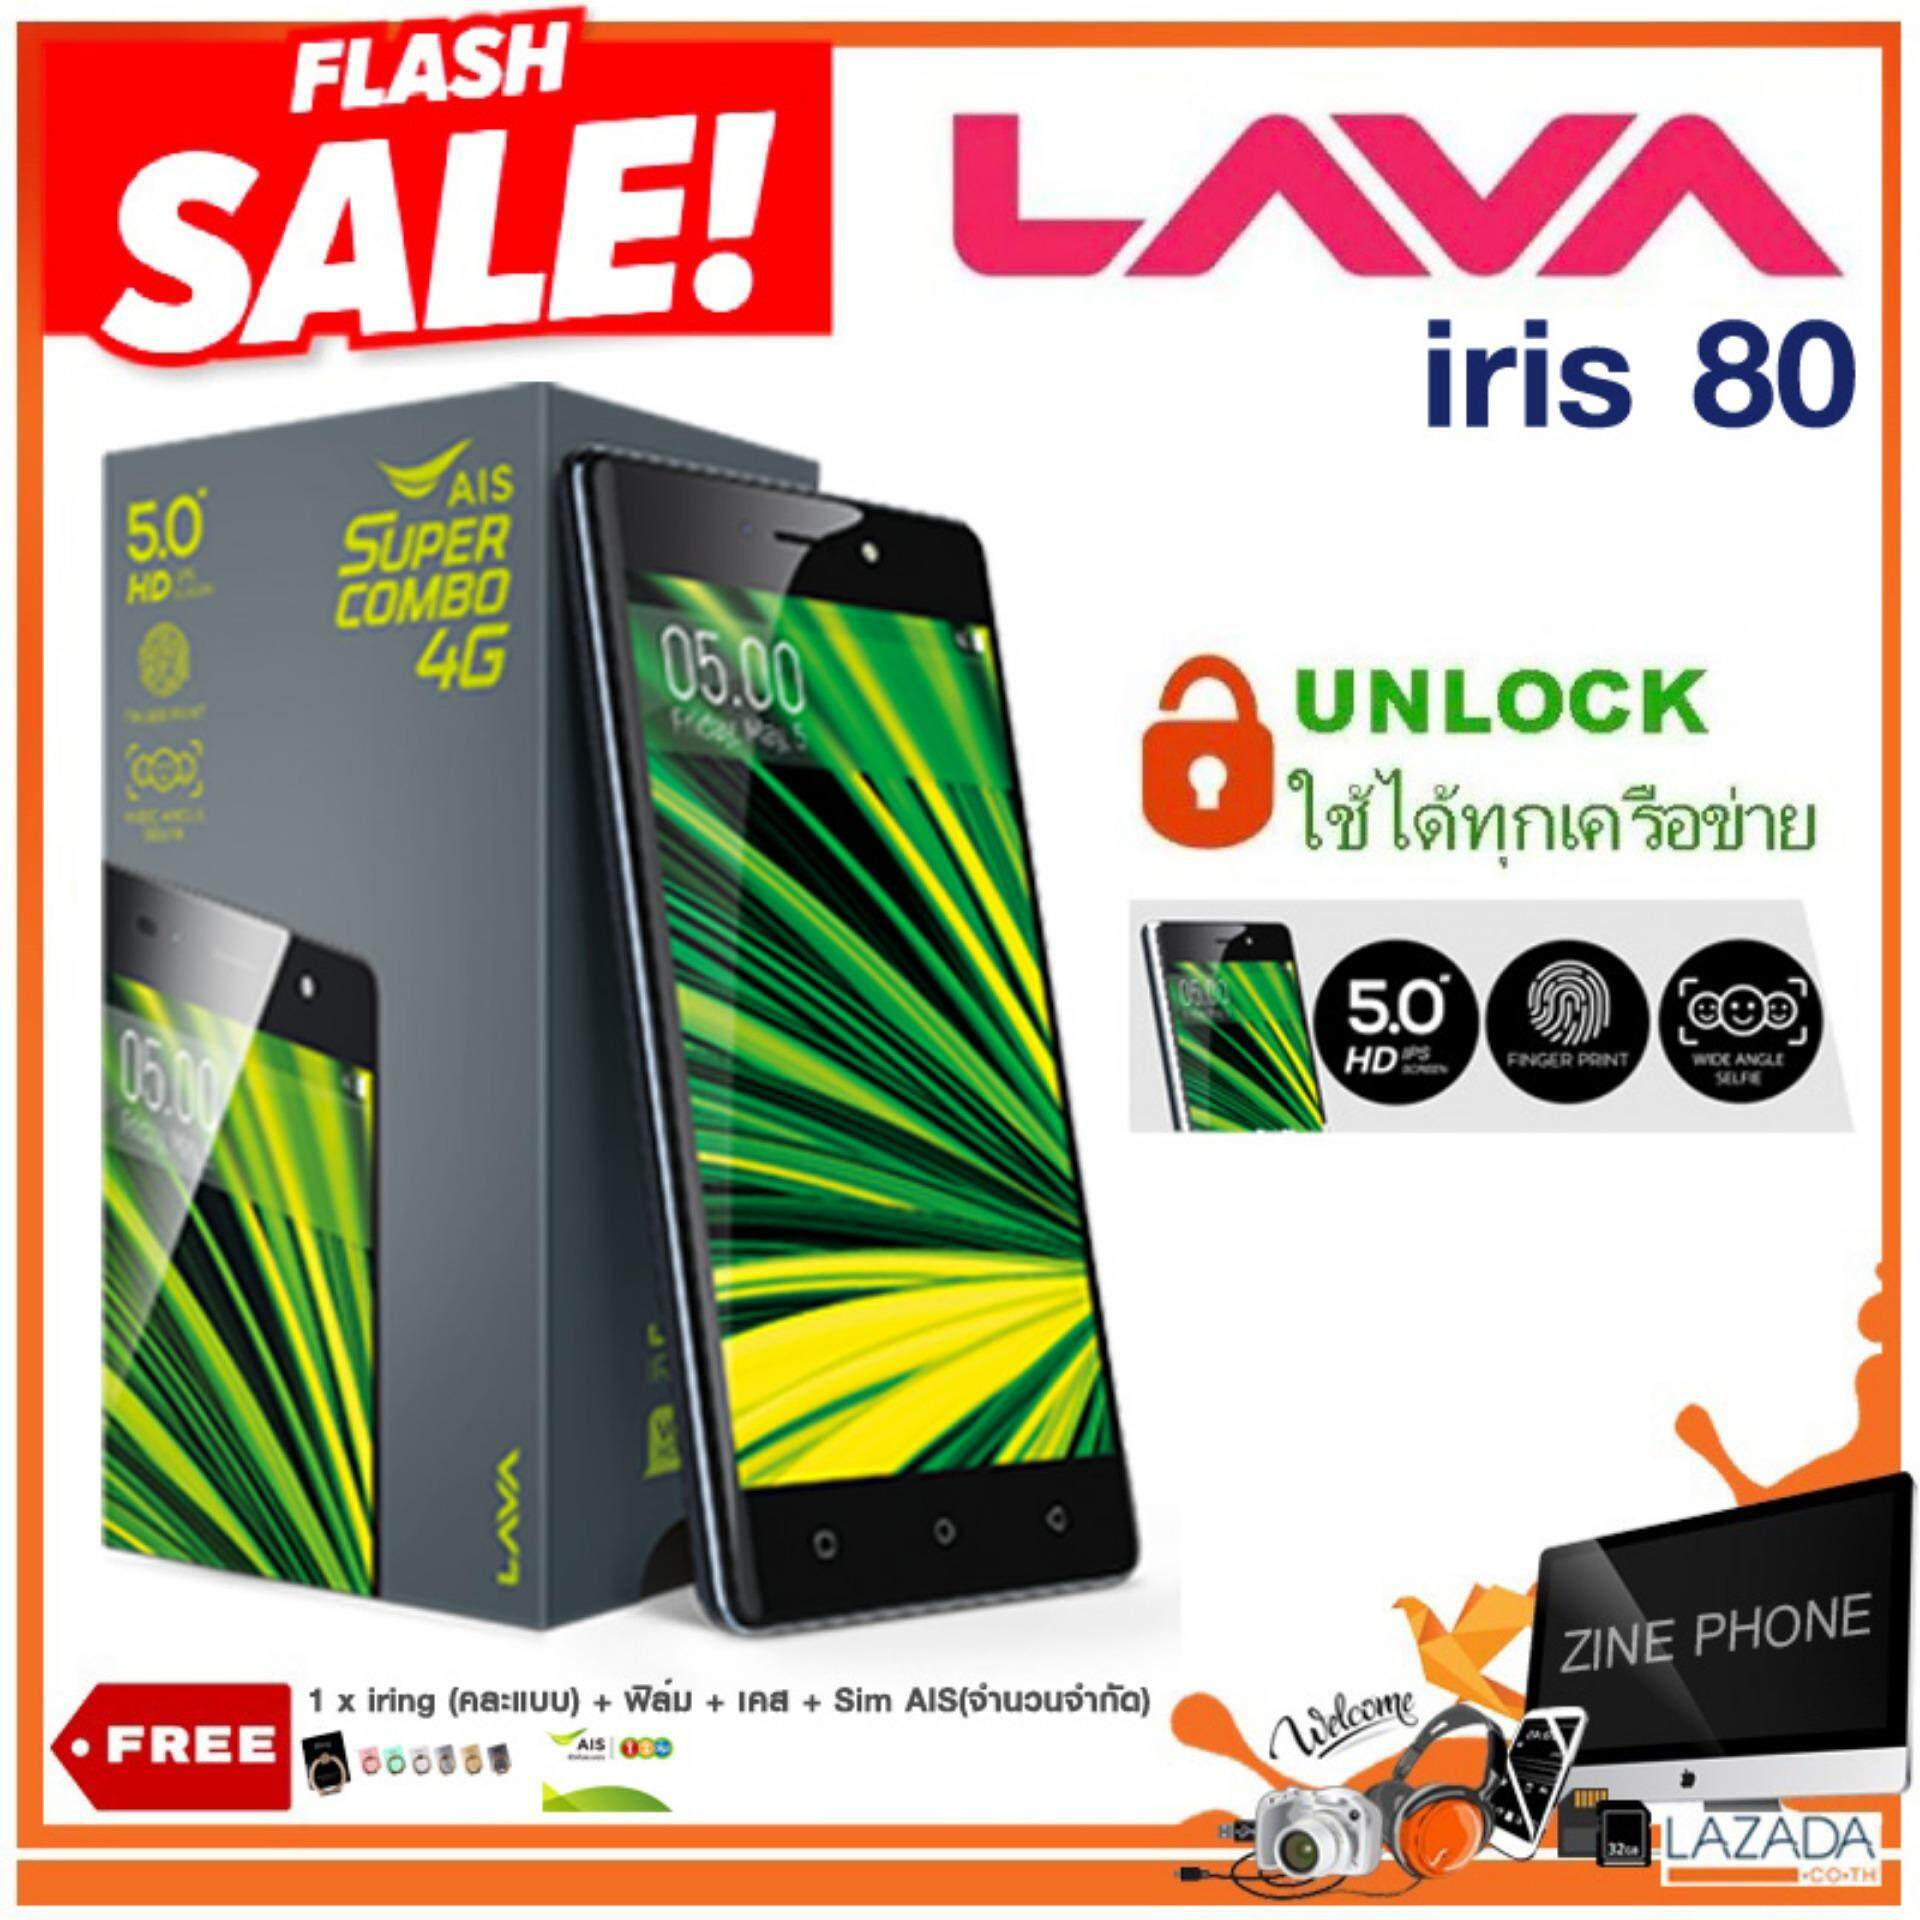 ซื้อ มือถือ Ais Lava Iris 80 4G จอ Hd 5 นิ้ว Unlock ใช้ได้ทุกเครือข่าย สแกนลายนิ้วมือได้ สีดำ ใช้ได้ 2 Sim มือถือราคาถูก By Zine Phone สั่งปุ๊ป แพคปั๊บ ใส่ใจคุณภาพ